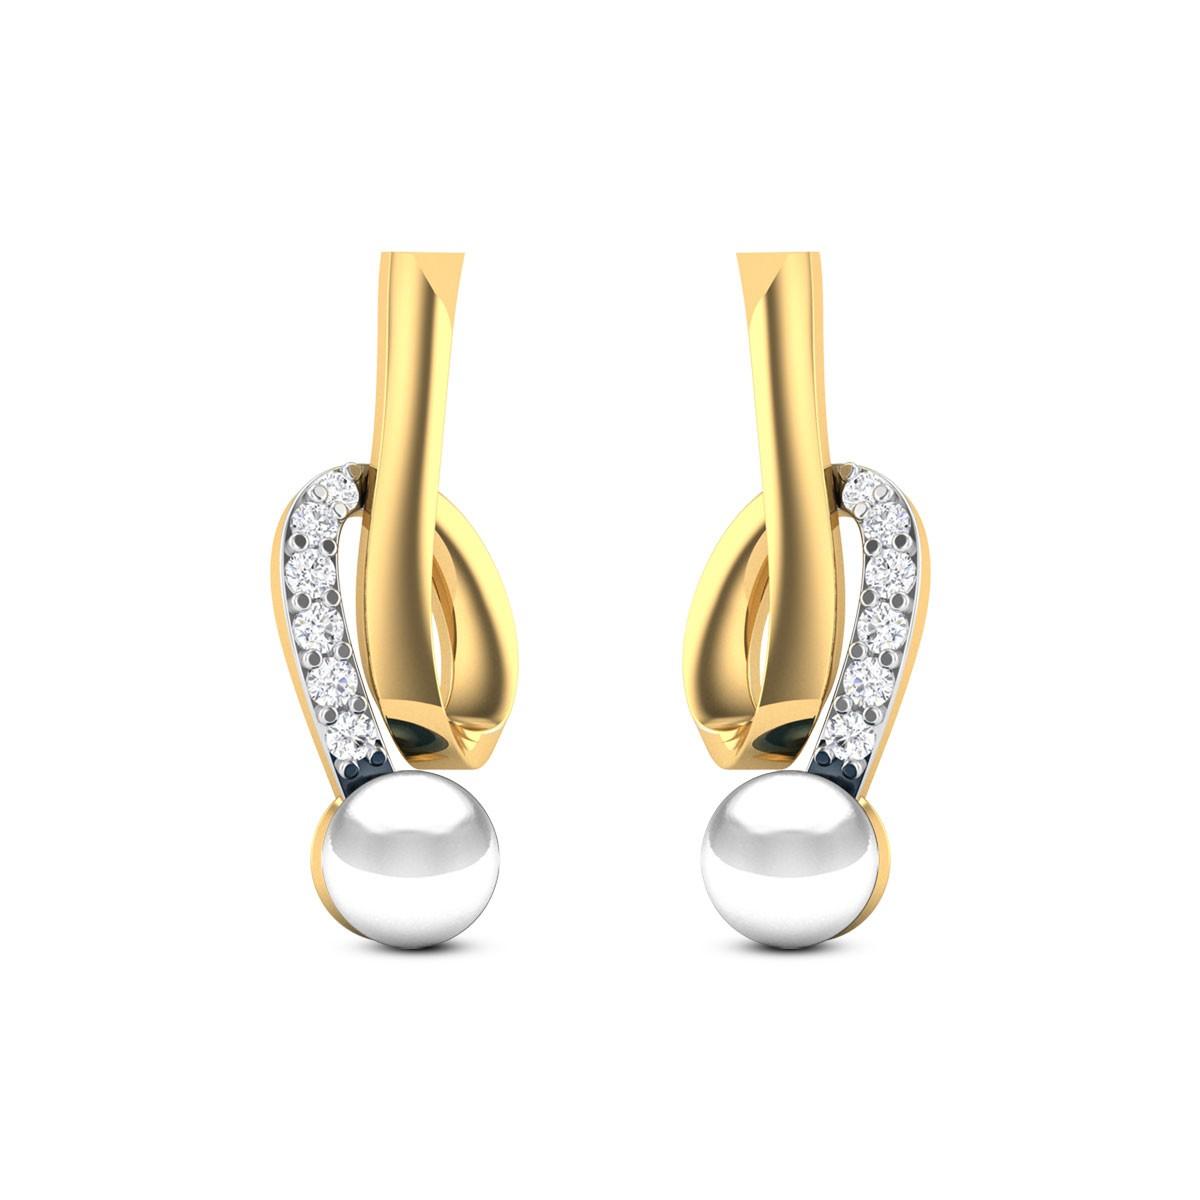 Hercules Stud Earrings